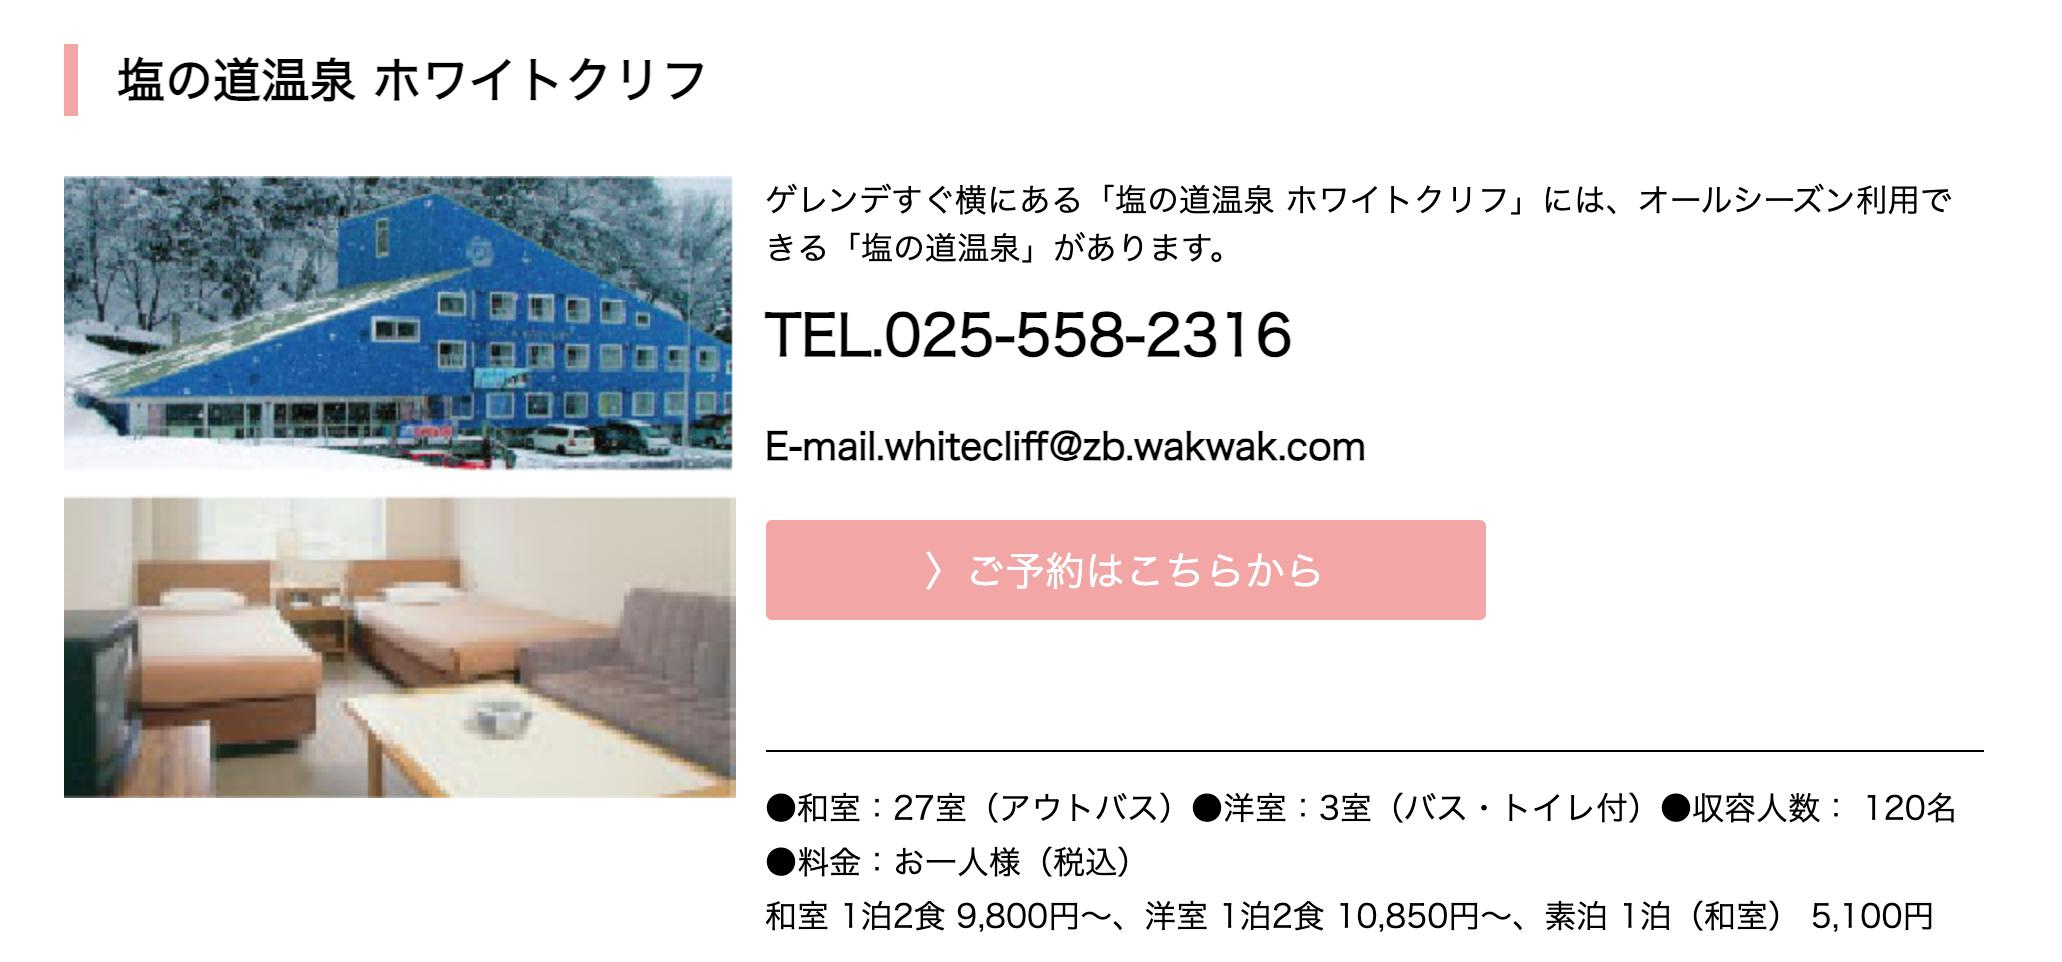 スクリーンショット 2021-06-25 11.39.54